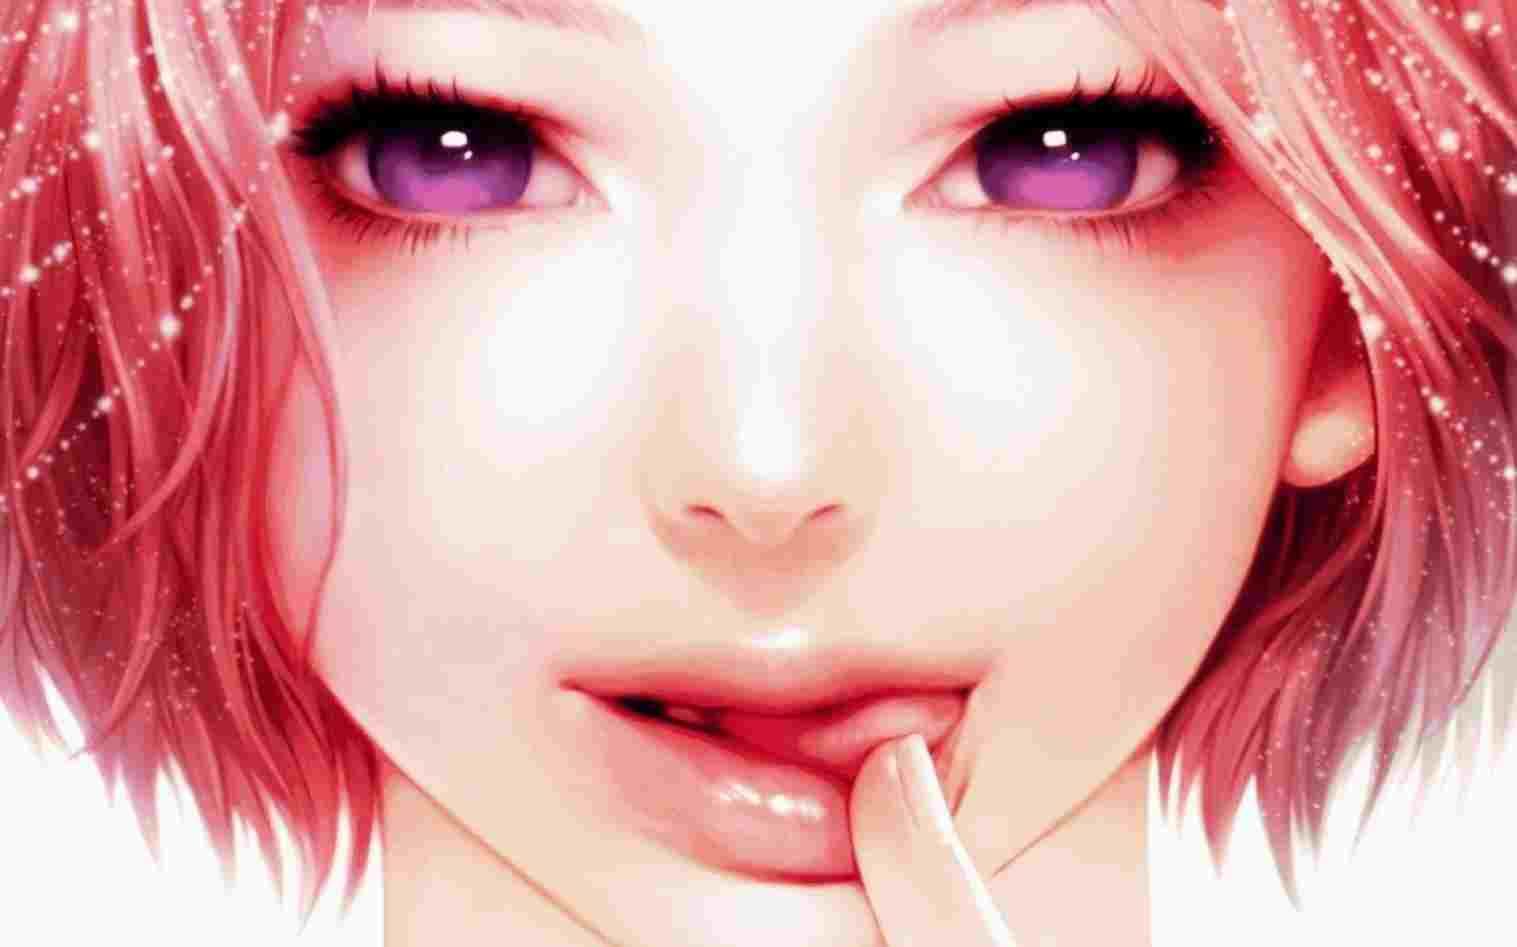 Hình ảnh anime Hàn cô gái tóc đỏ xinh đẹp